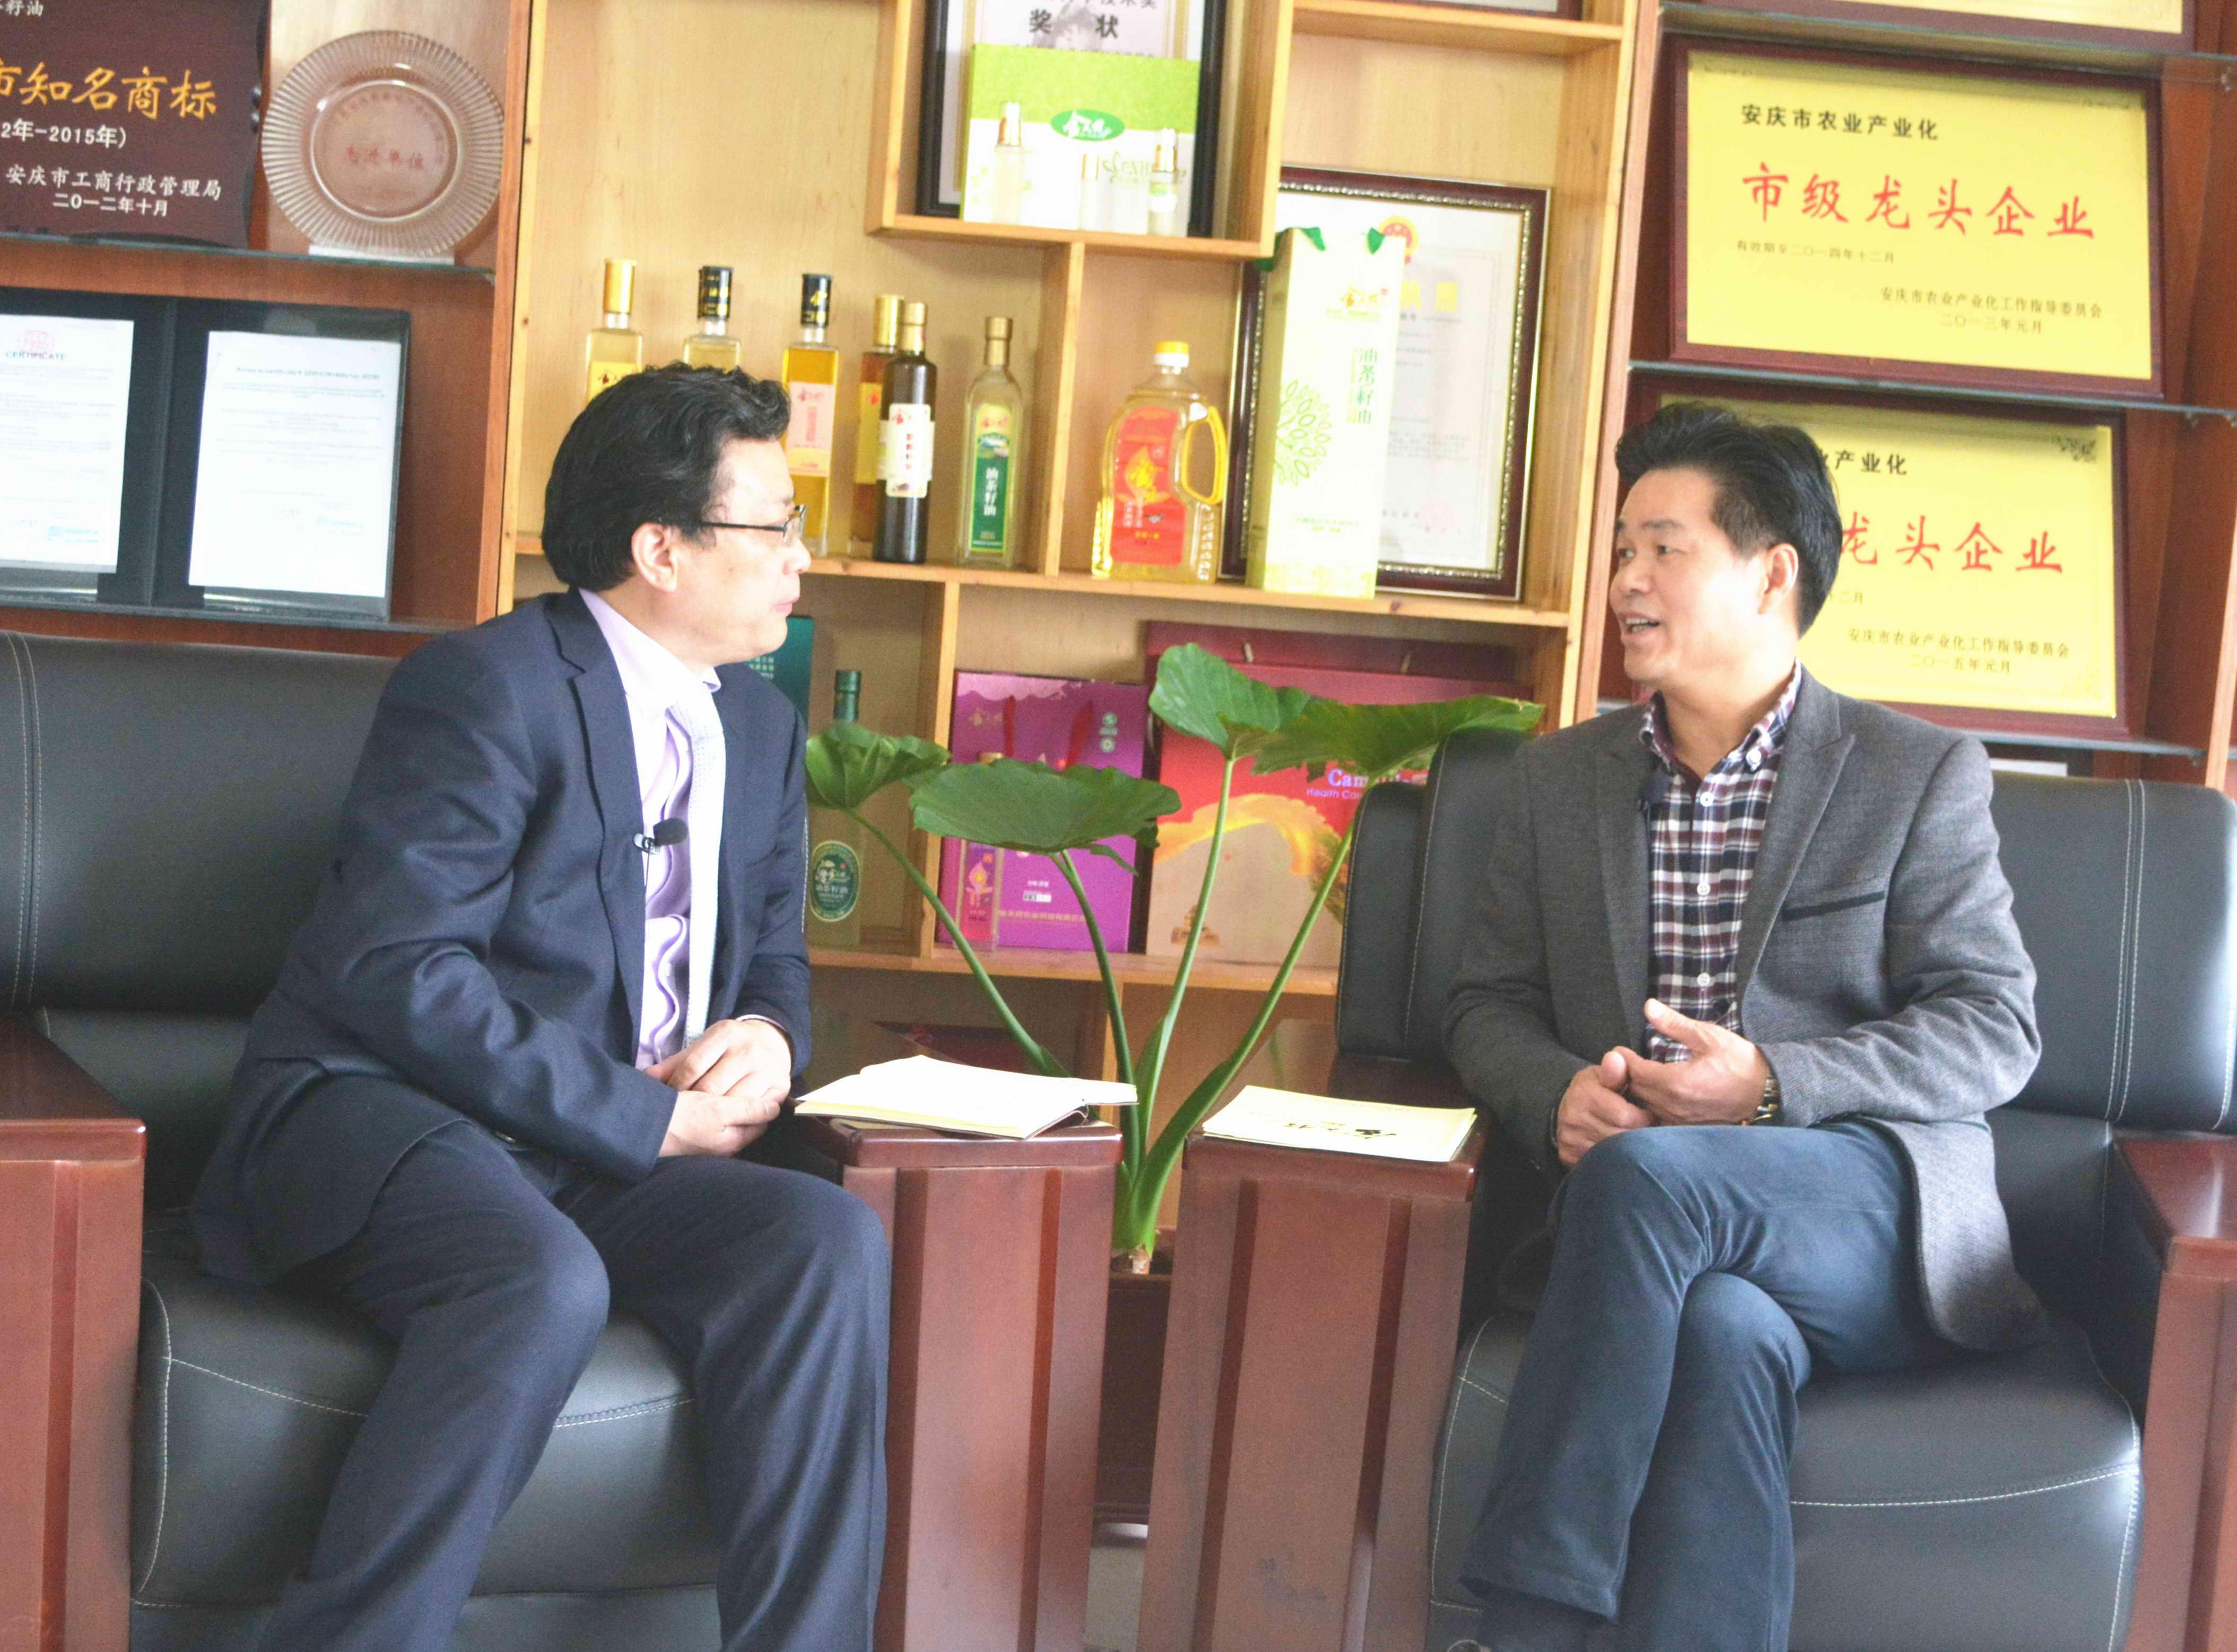 卢毓圣(右_)接受吴礼明博士(左)电视访谈2.jpg